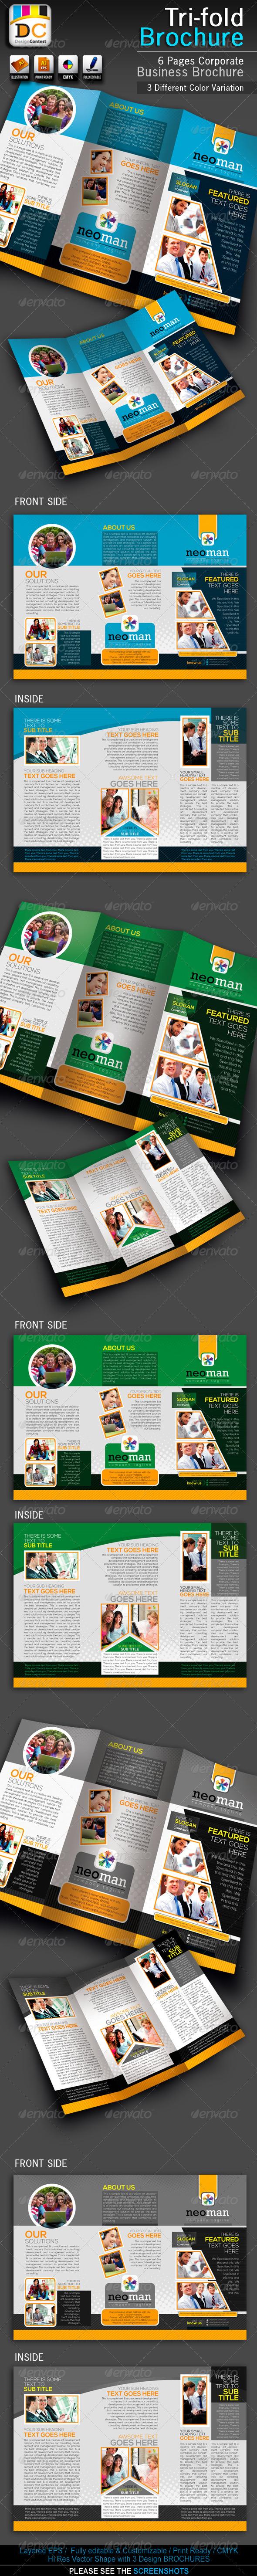 NeoMan Tri-fold Corporate Business Brochure - Corporate Brochures